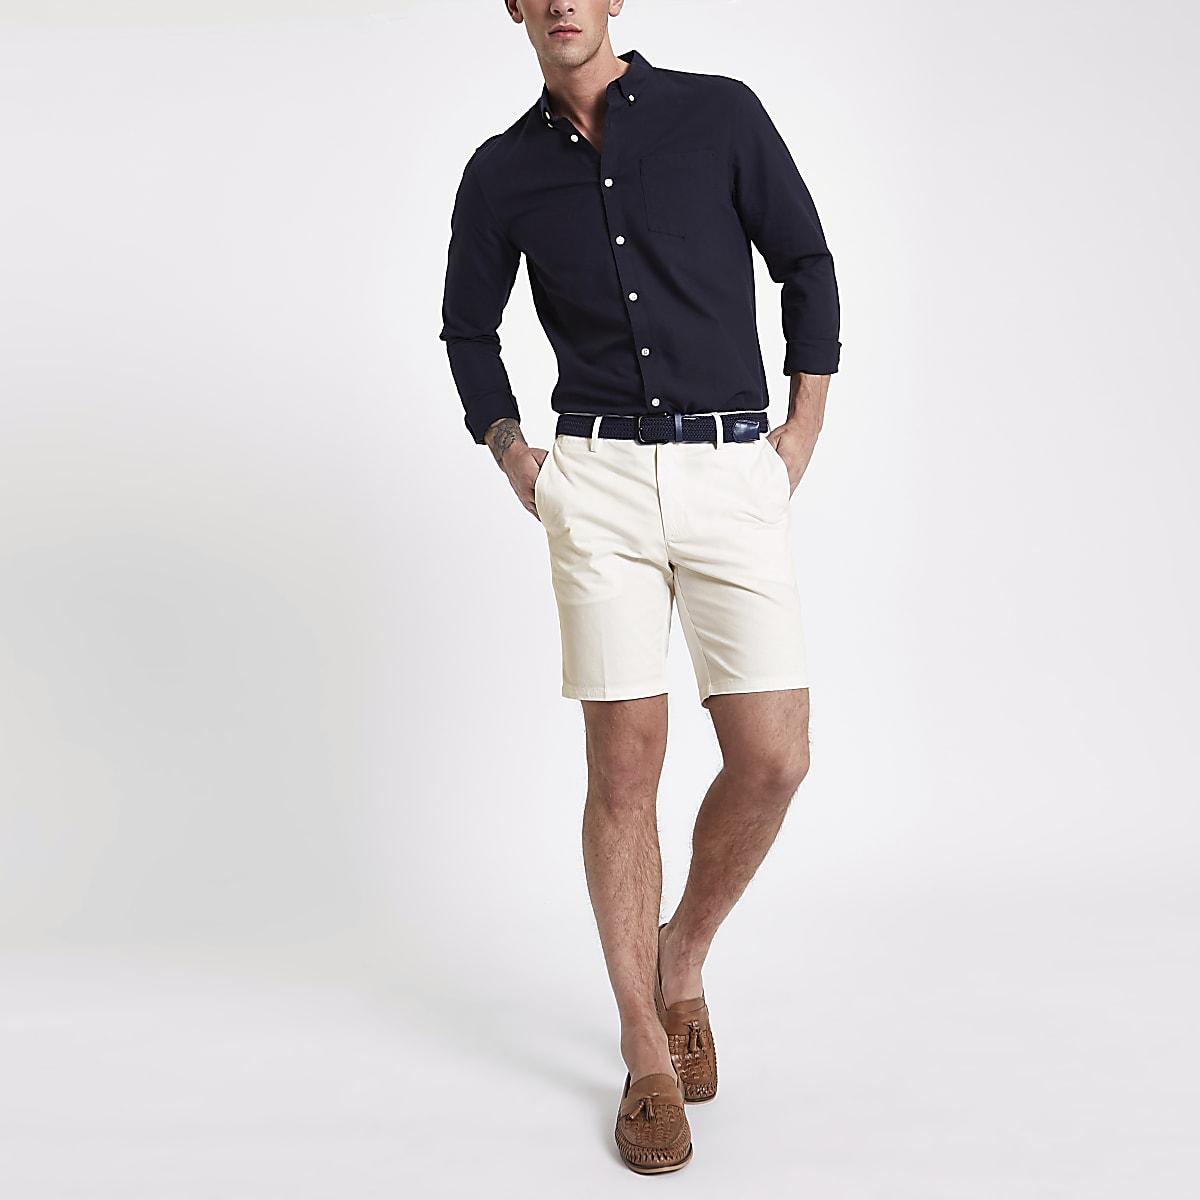 bd1b2bee937f2 Short slim chino blanc à ceinture - Shorts habillés - Shorts - Homme